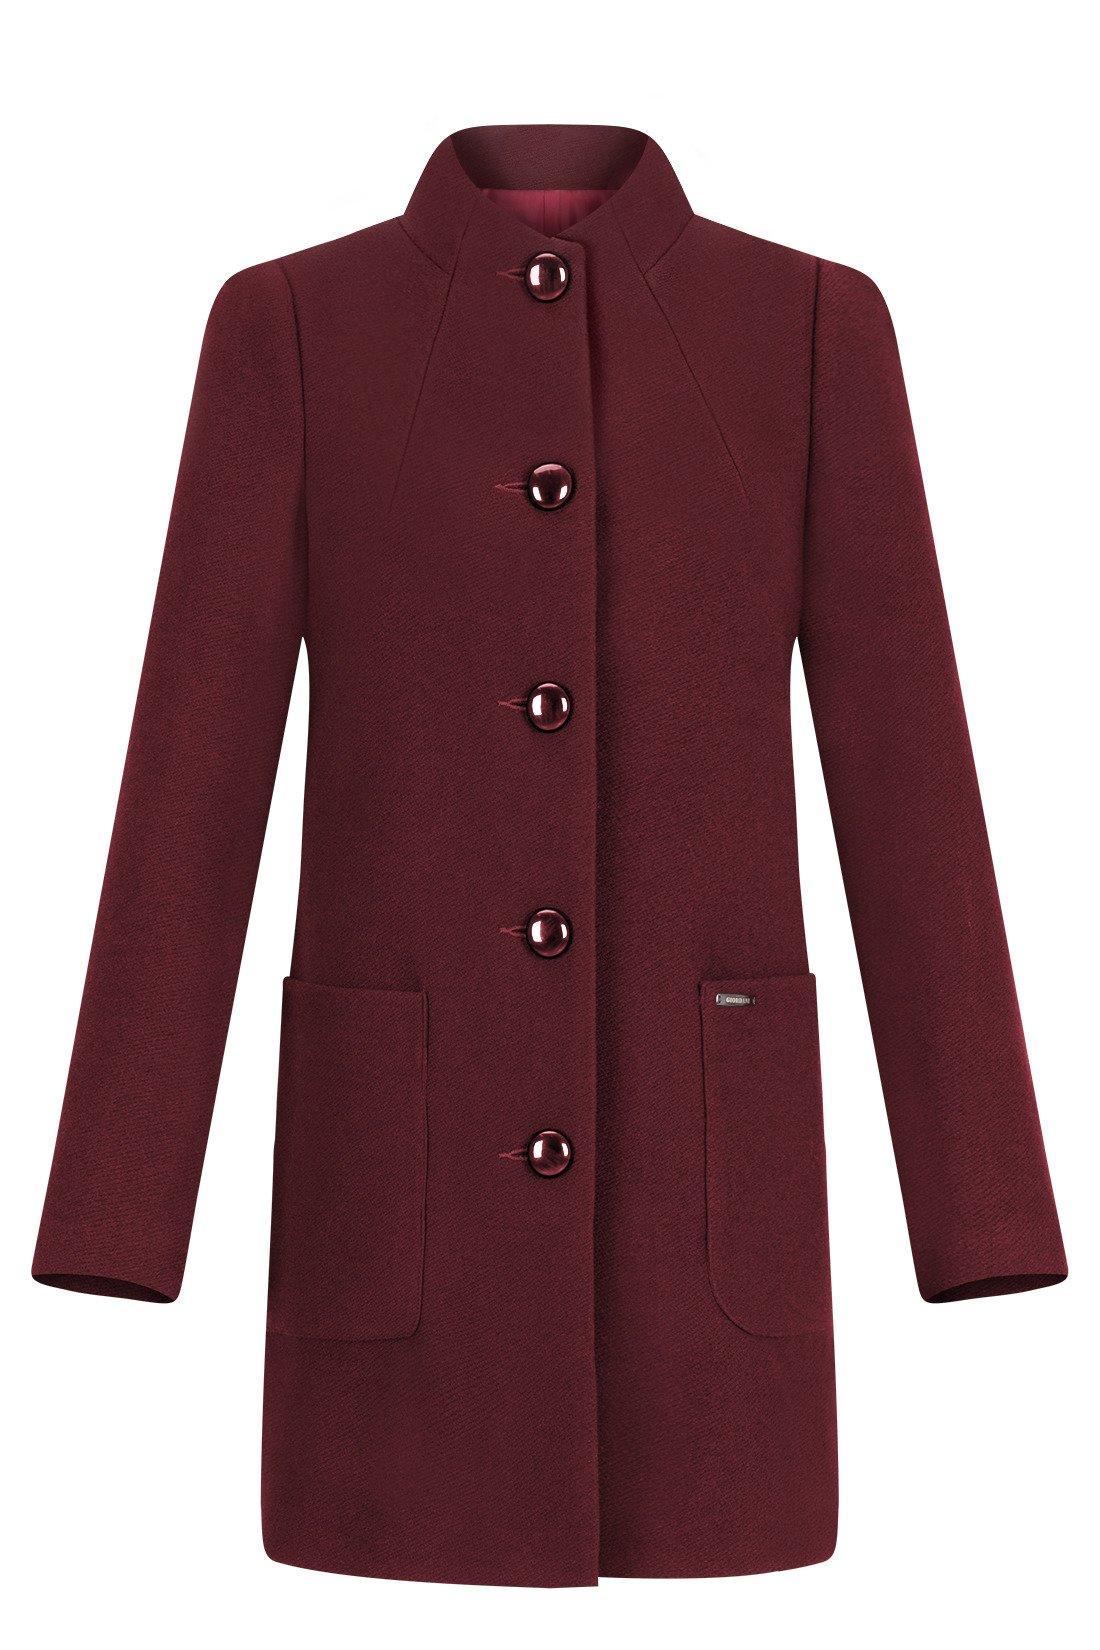 Modny płaszcz zimowy typu parka z kolekcji Eight2Nine. Efektowny płaszcz z futrem po stronie wewnętrznej na całej długości. Doskonała imitacja naturalnego futra.